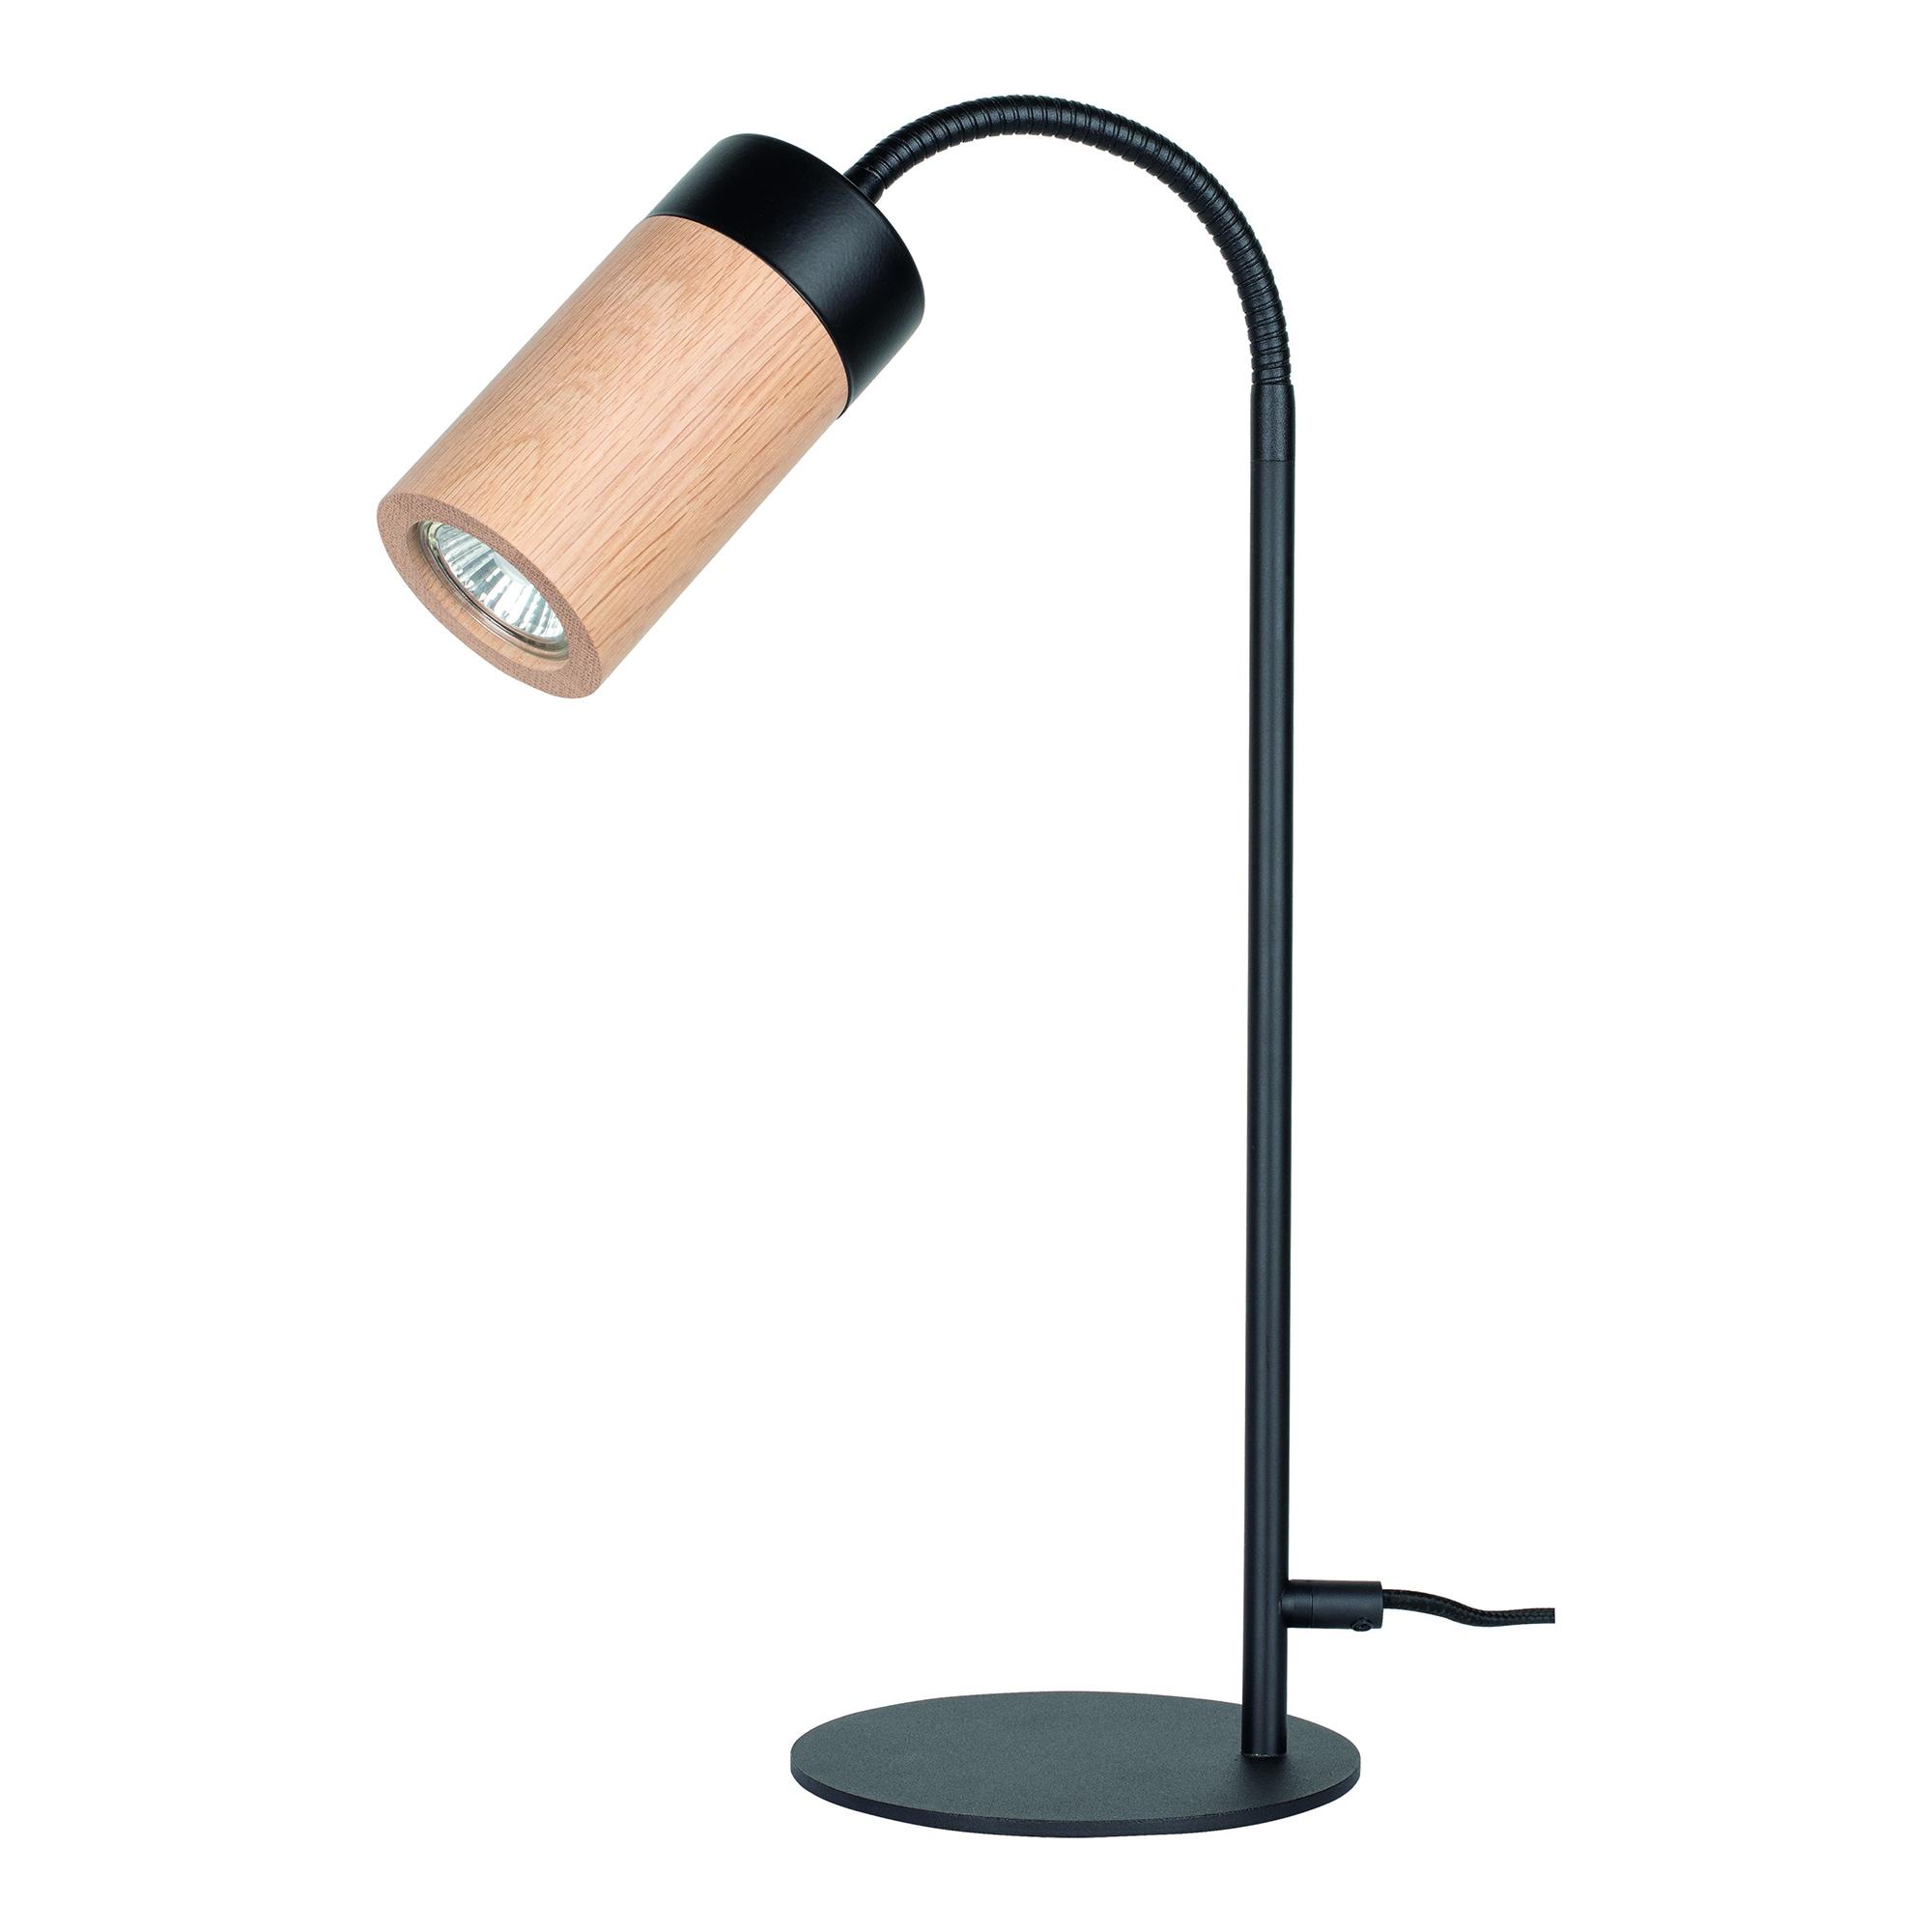 BRITOP LIGHTING Tischleuchte ANNICK, GU10, Warmweiß, Flexibeler Arm, LED-Leuchtmittel inkl., aus edlem Eichenholz und Metall, Made in Europe